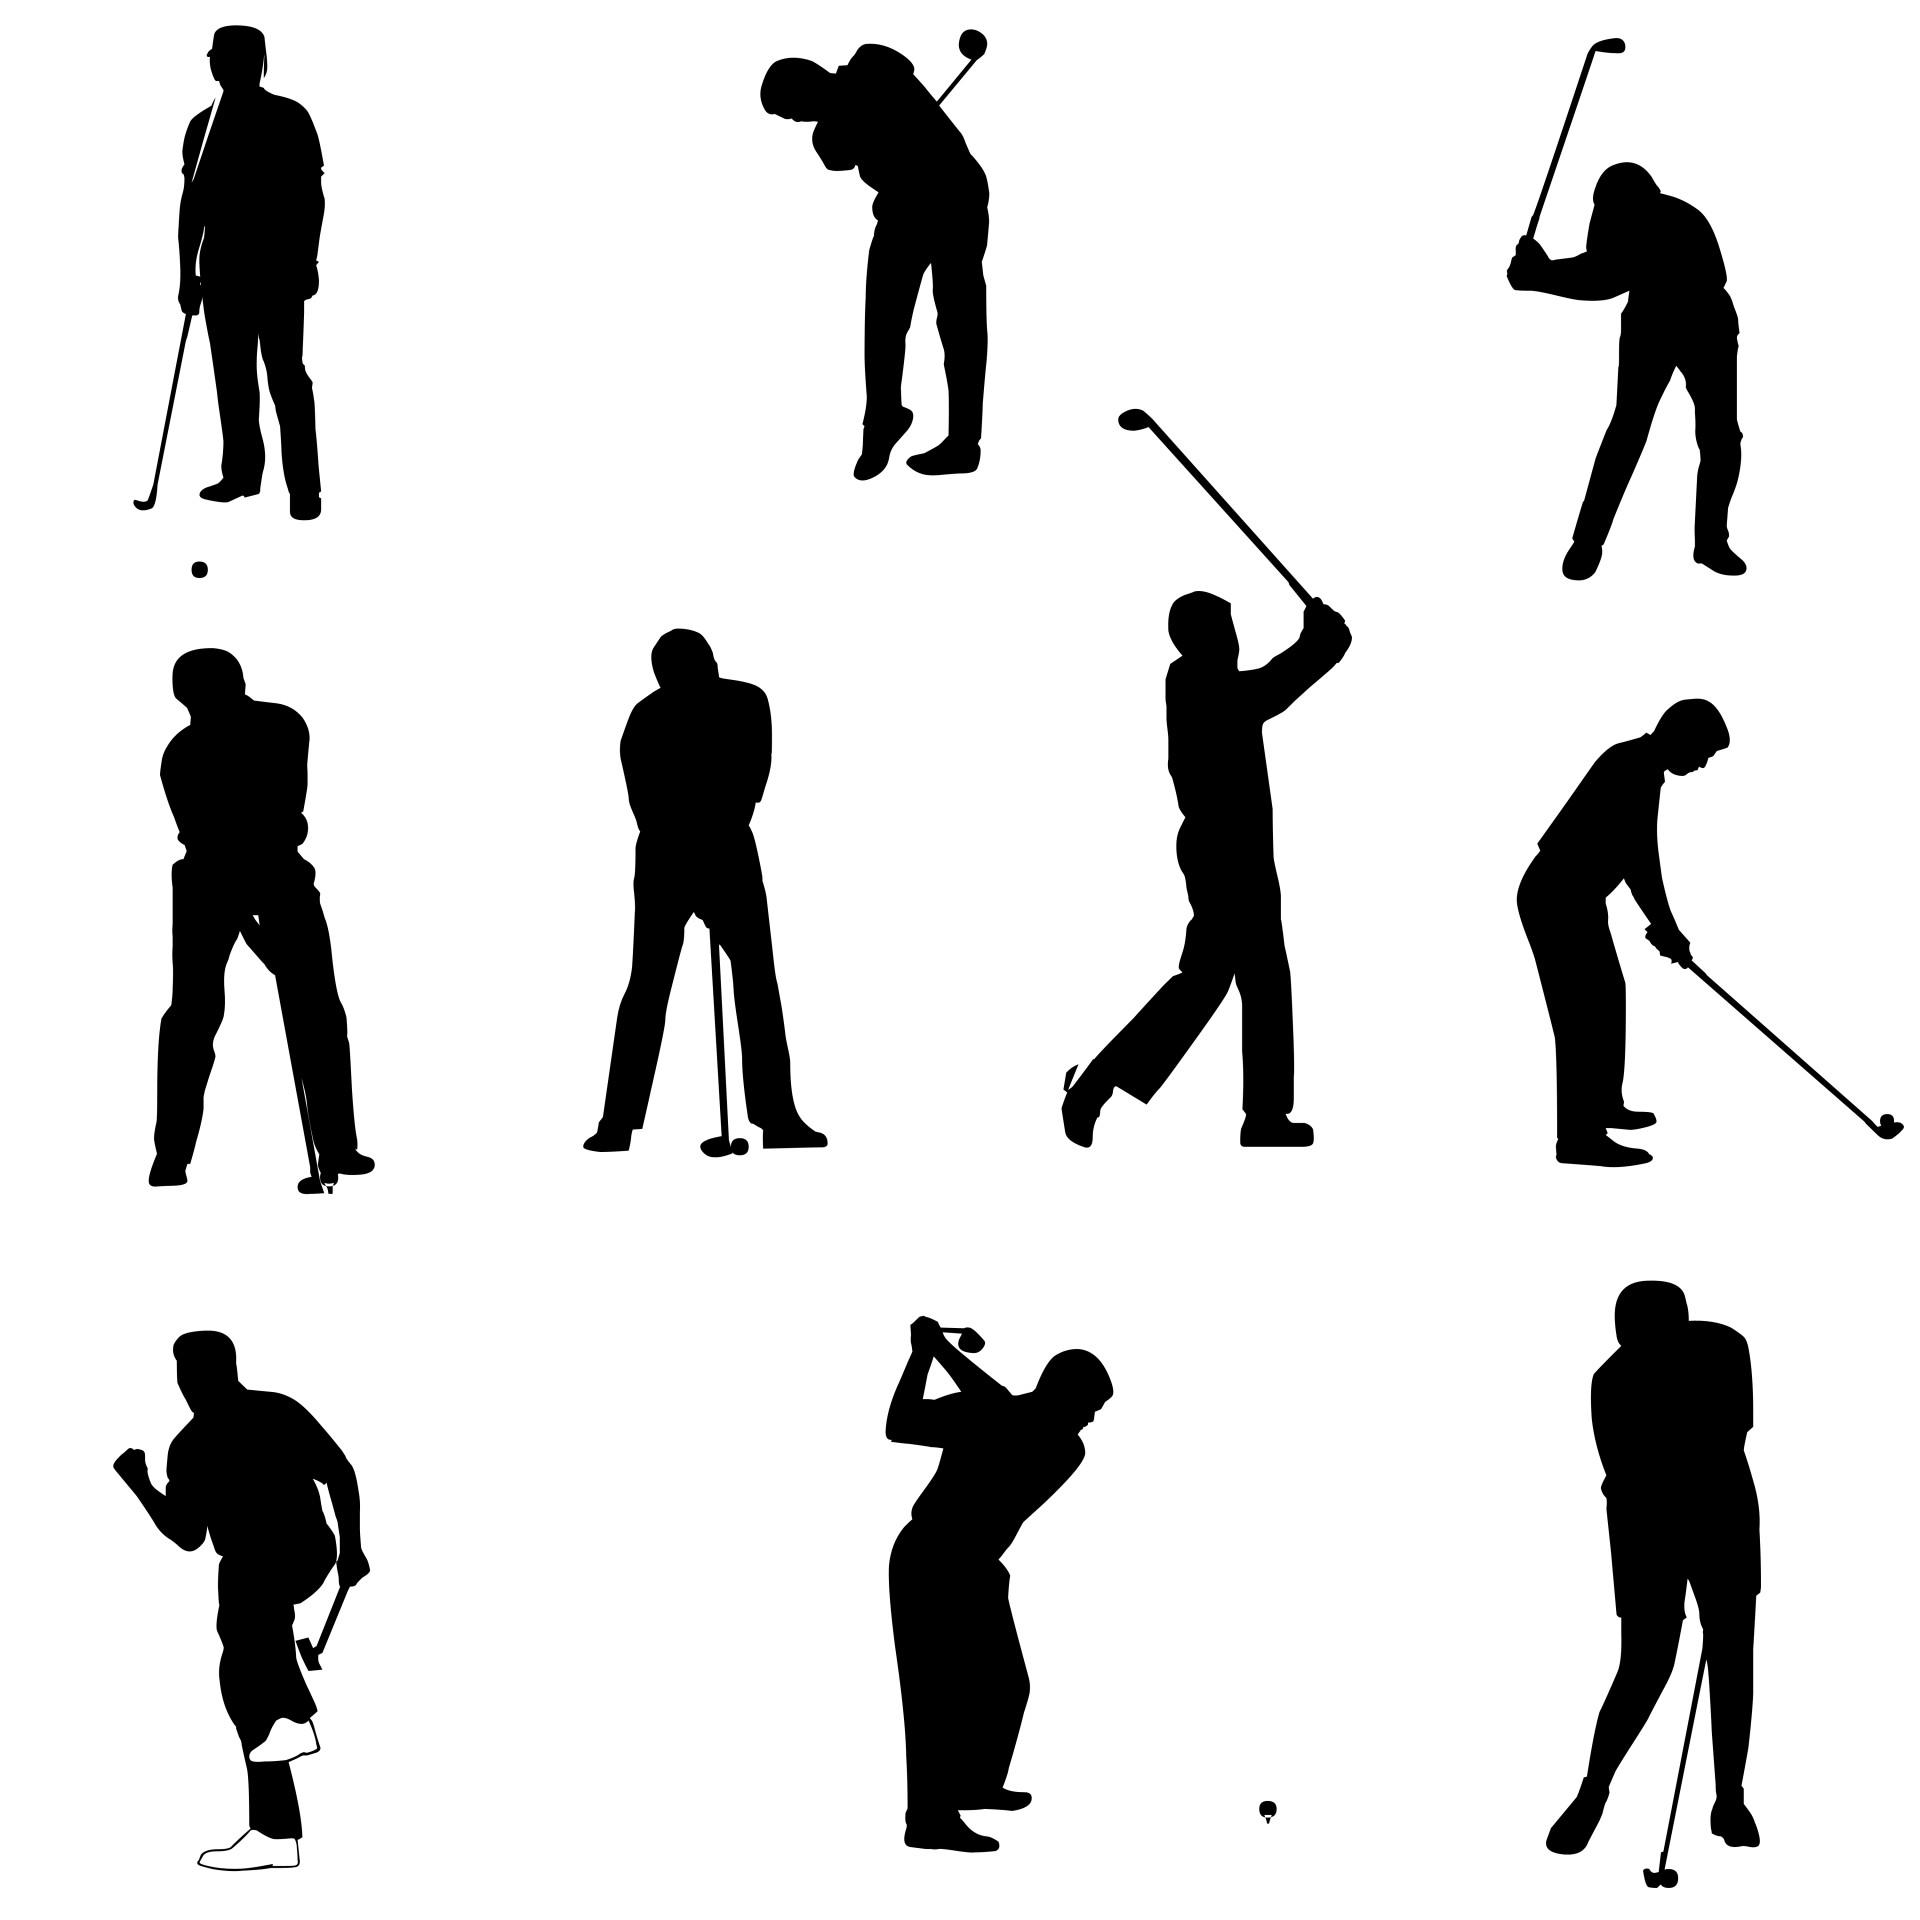 1920x1920 Golf Silhouettes Free Stock Photo